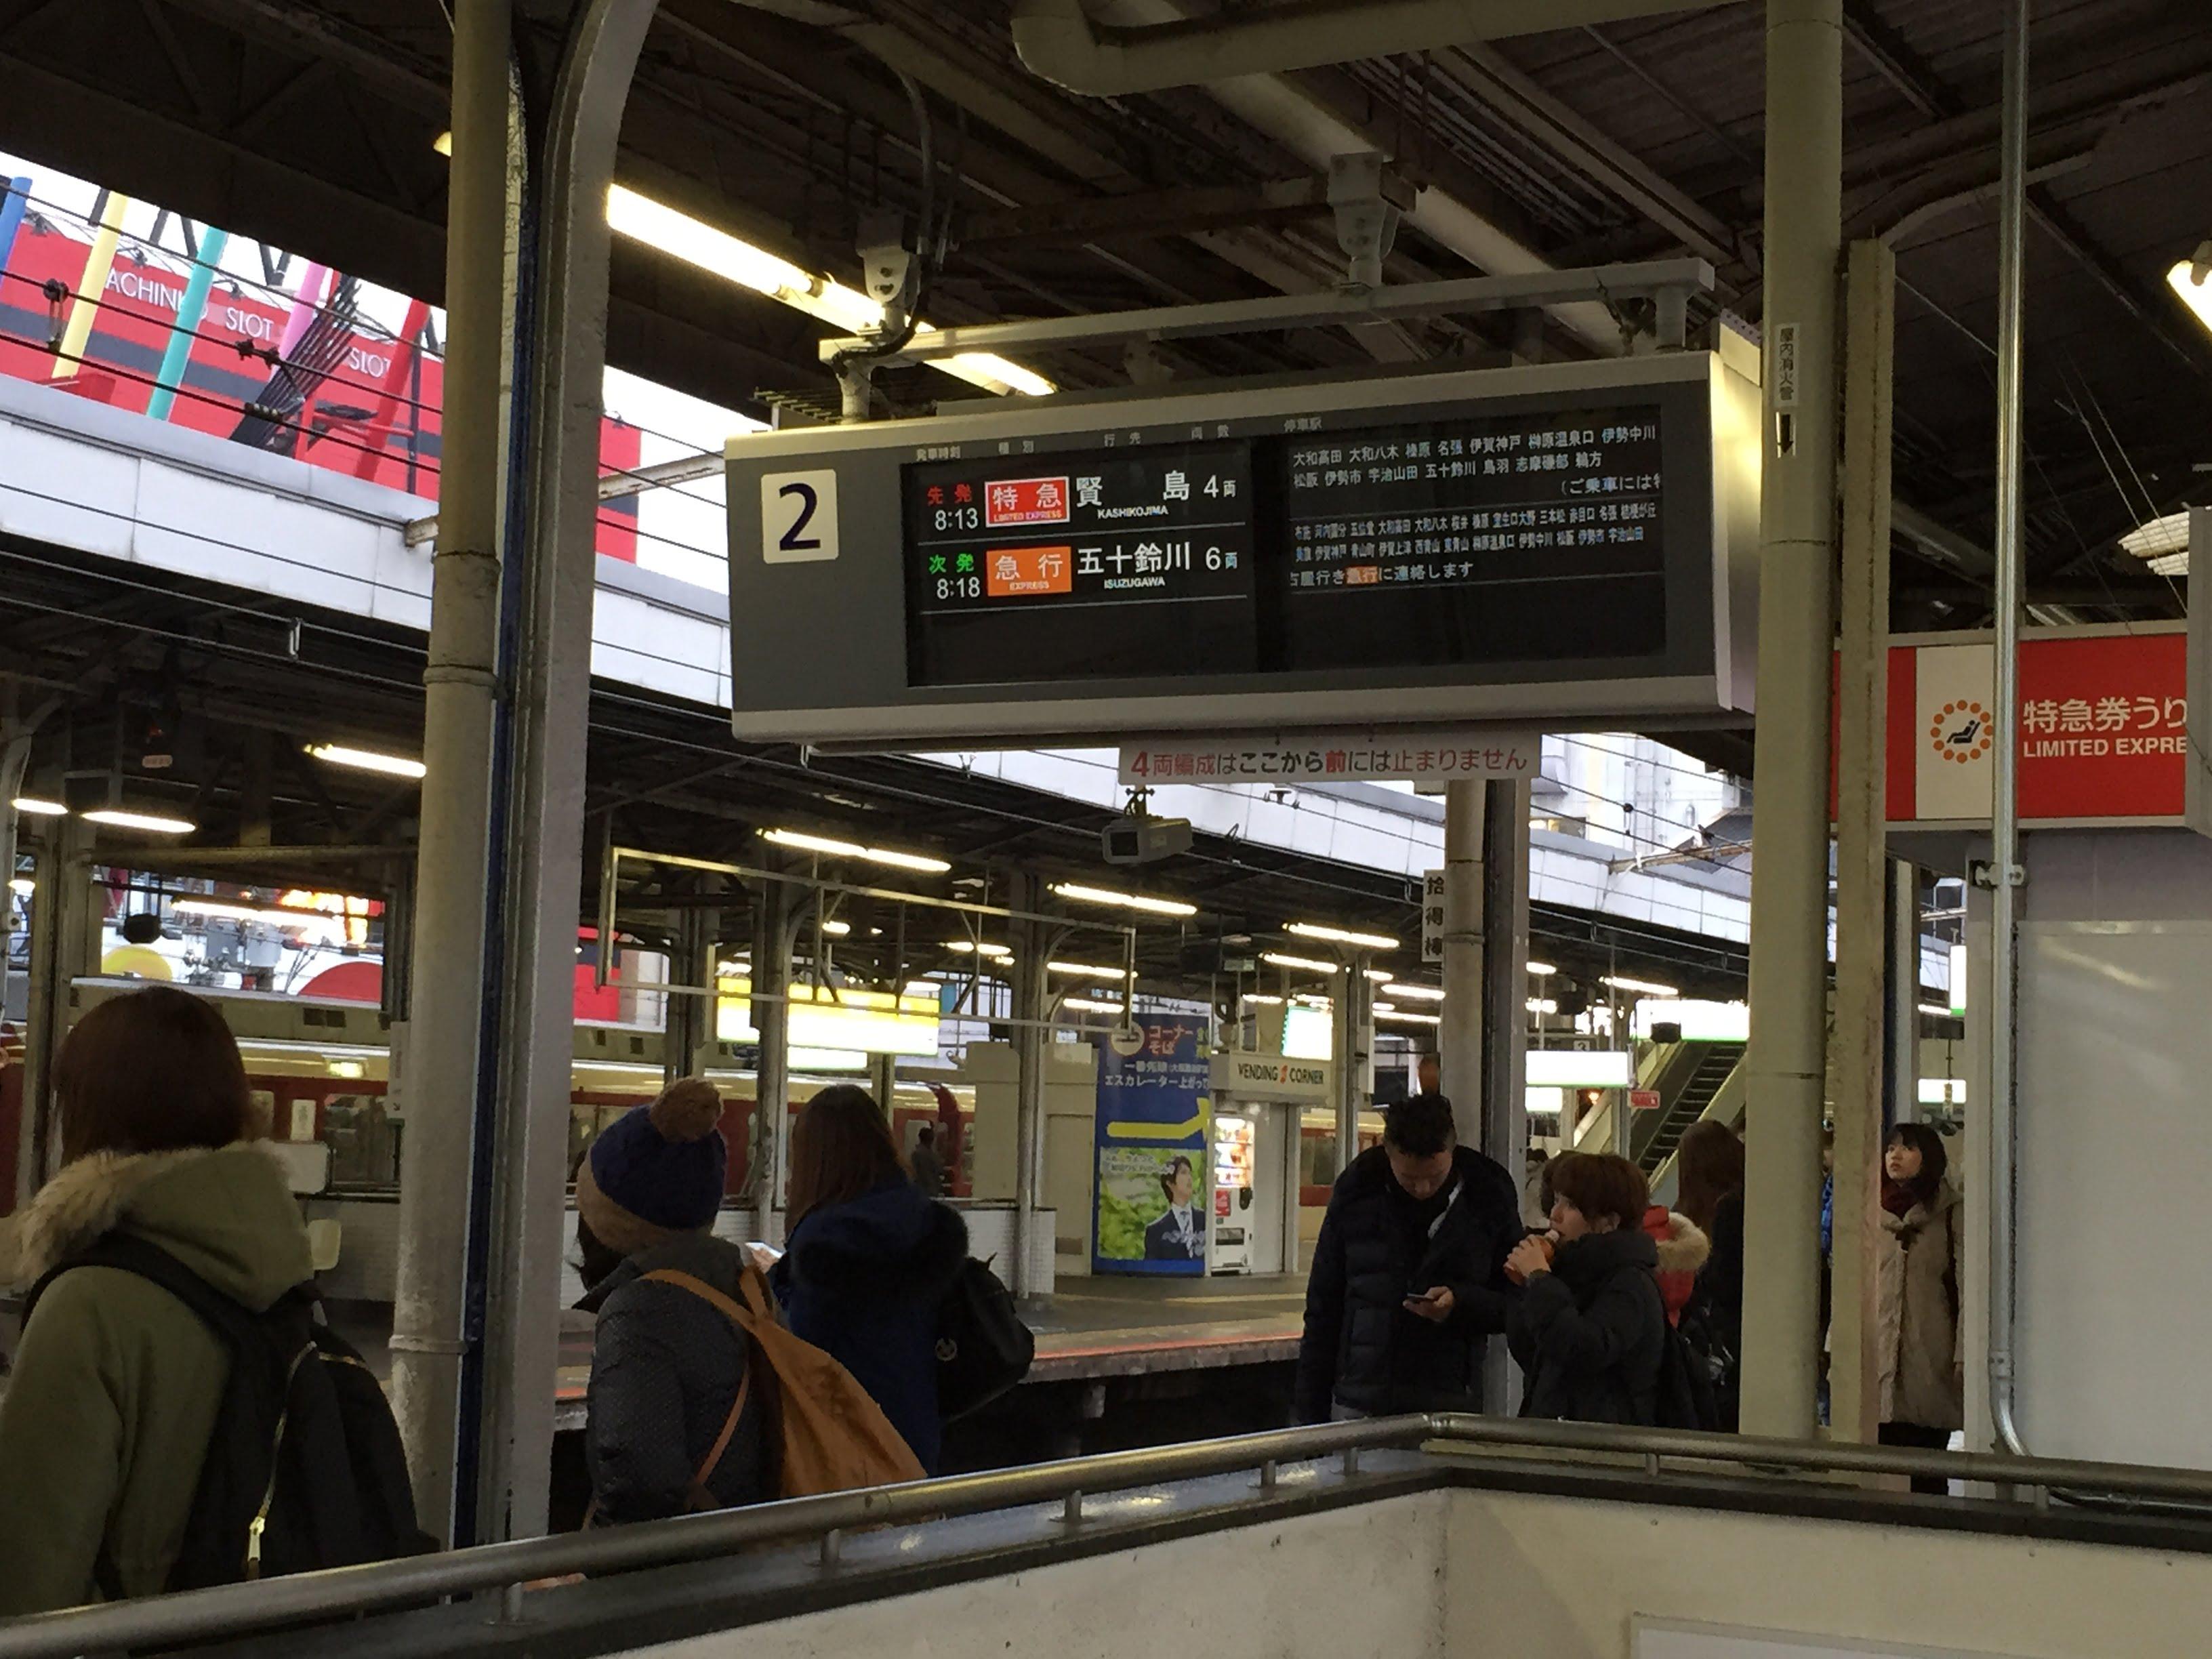 在鶴橋駅等特急車去伊勢市